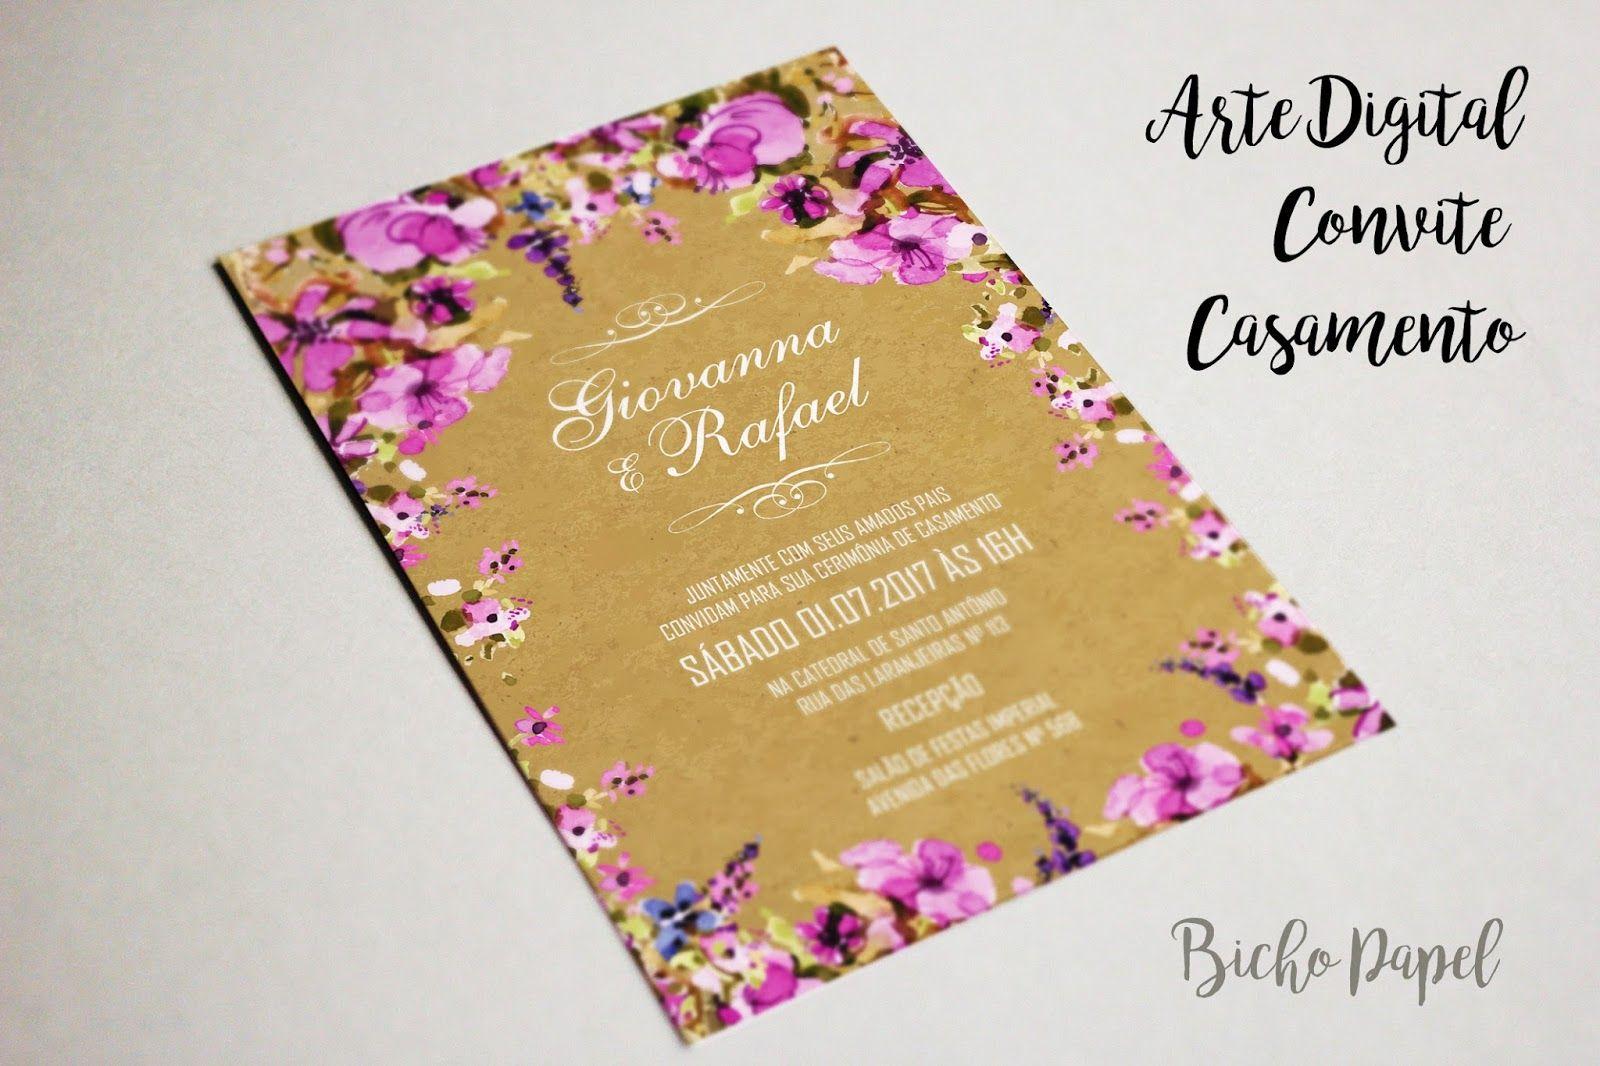 Convite Digital Rustico Casamento Floral Lilas Roxo Convite De